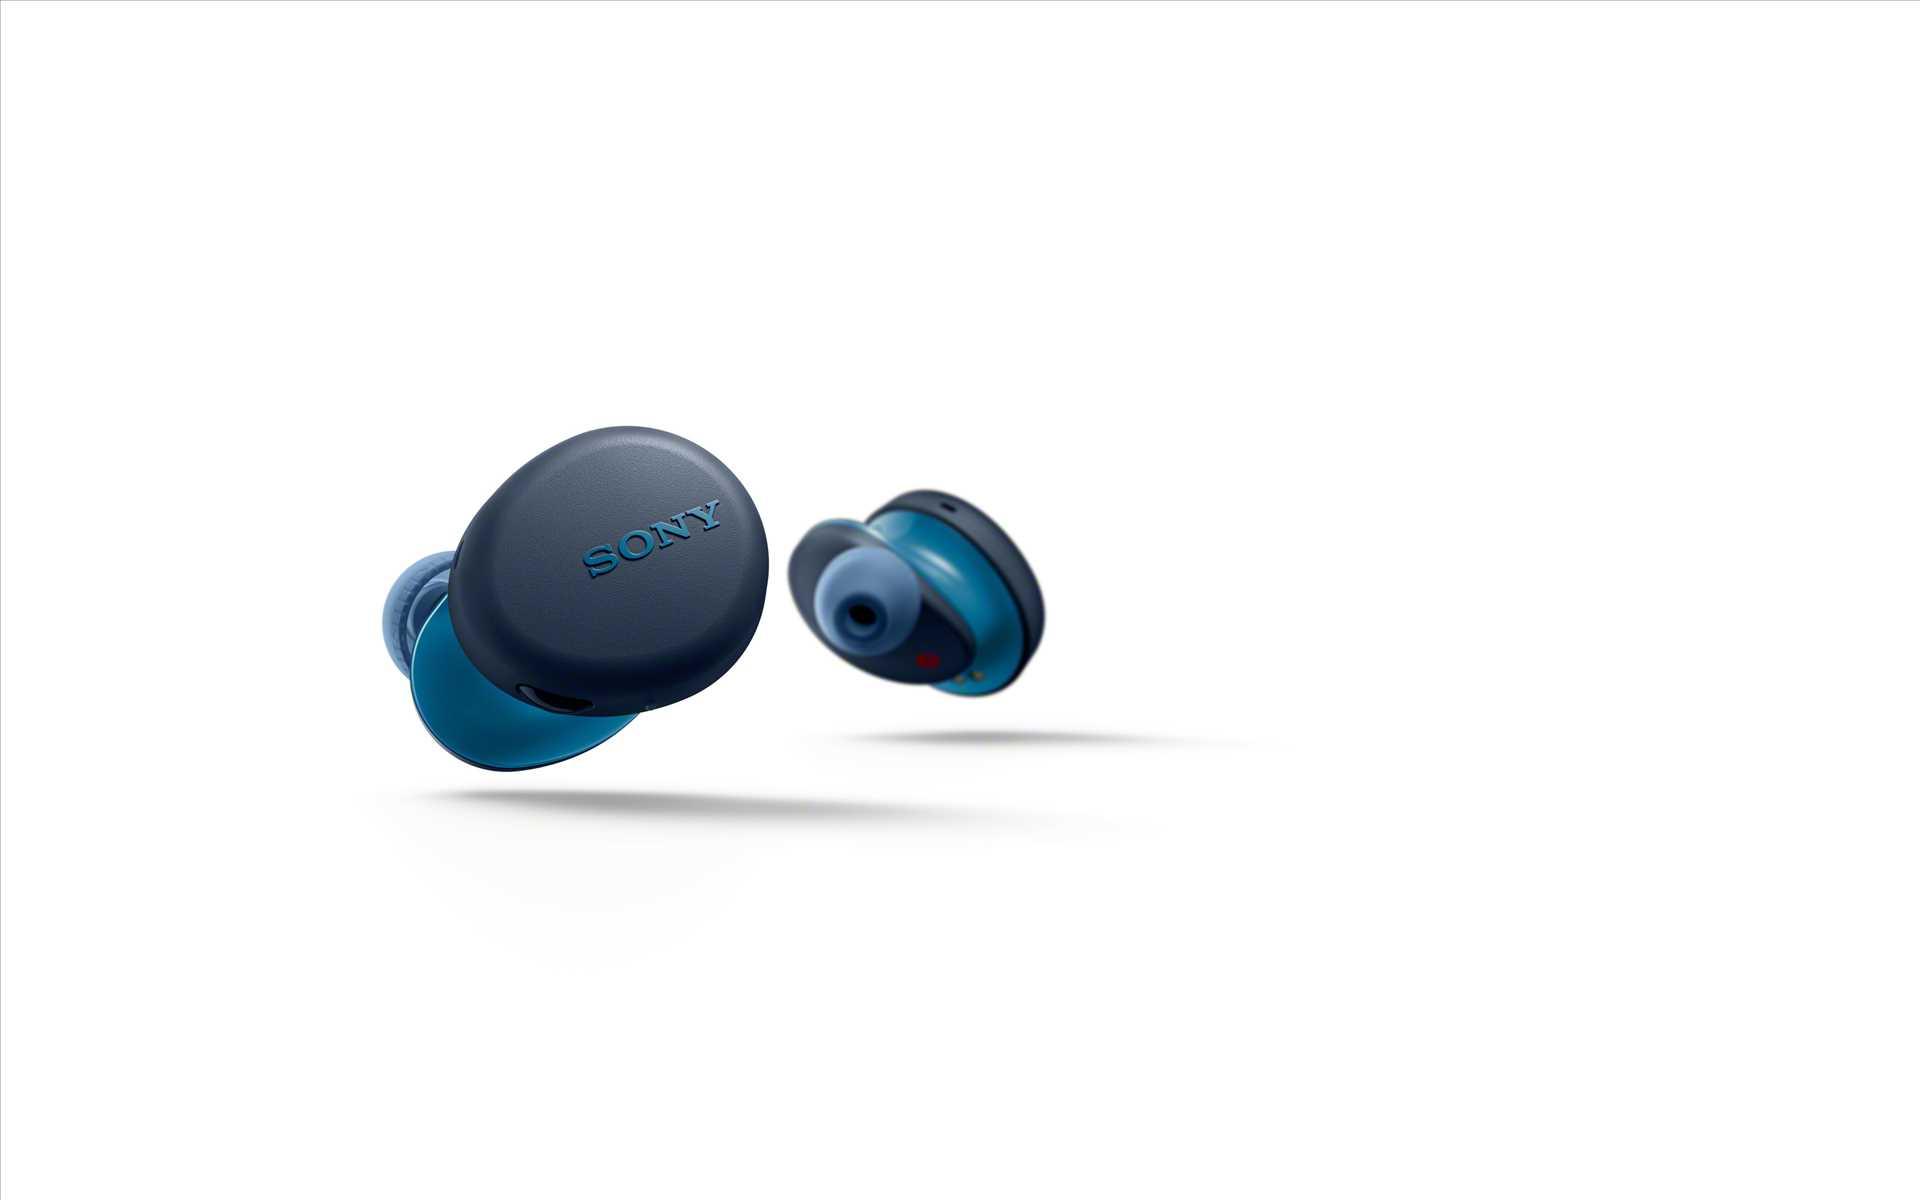 אוזניות Sony WF-XB700L True Wireless סוני כחולות - תמונה 7